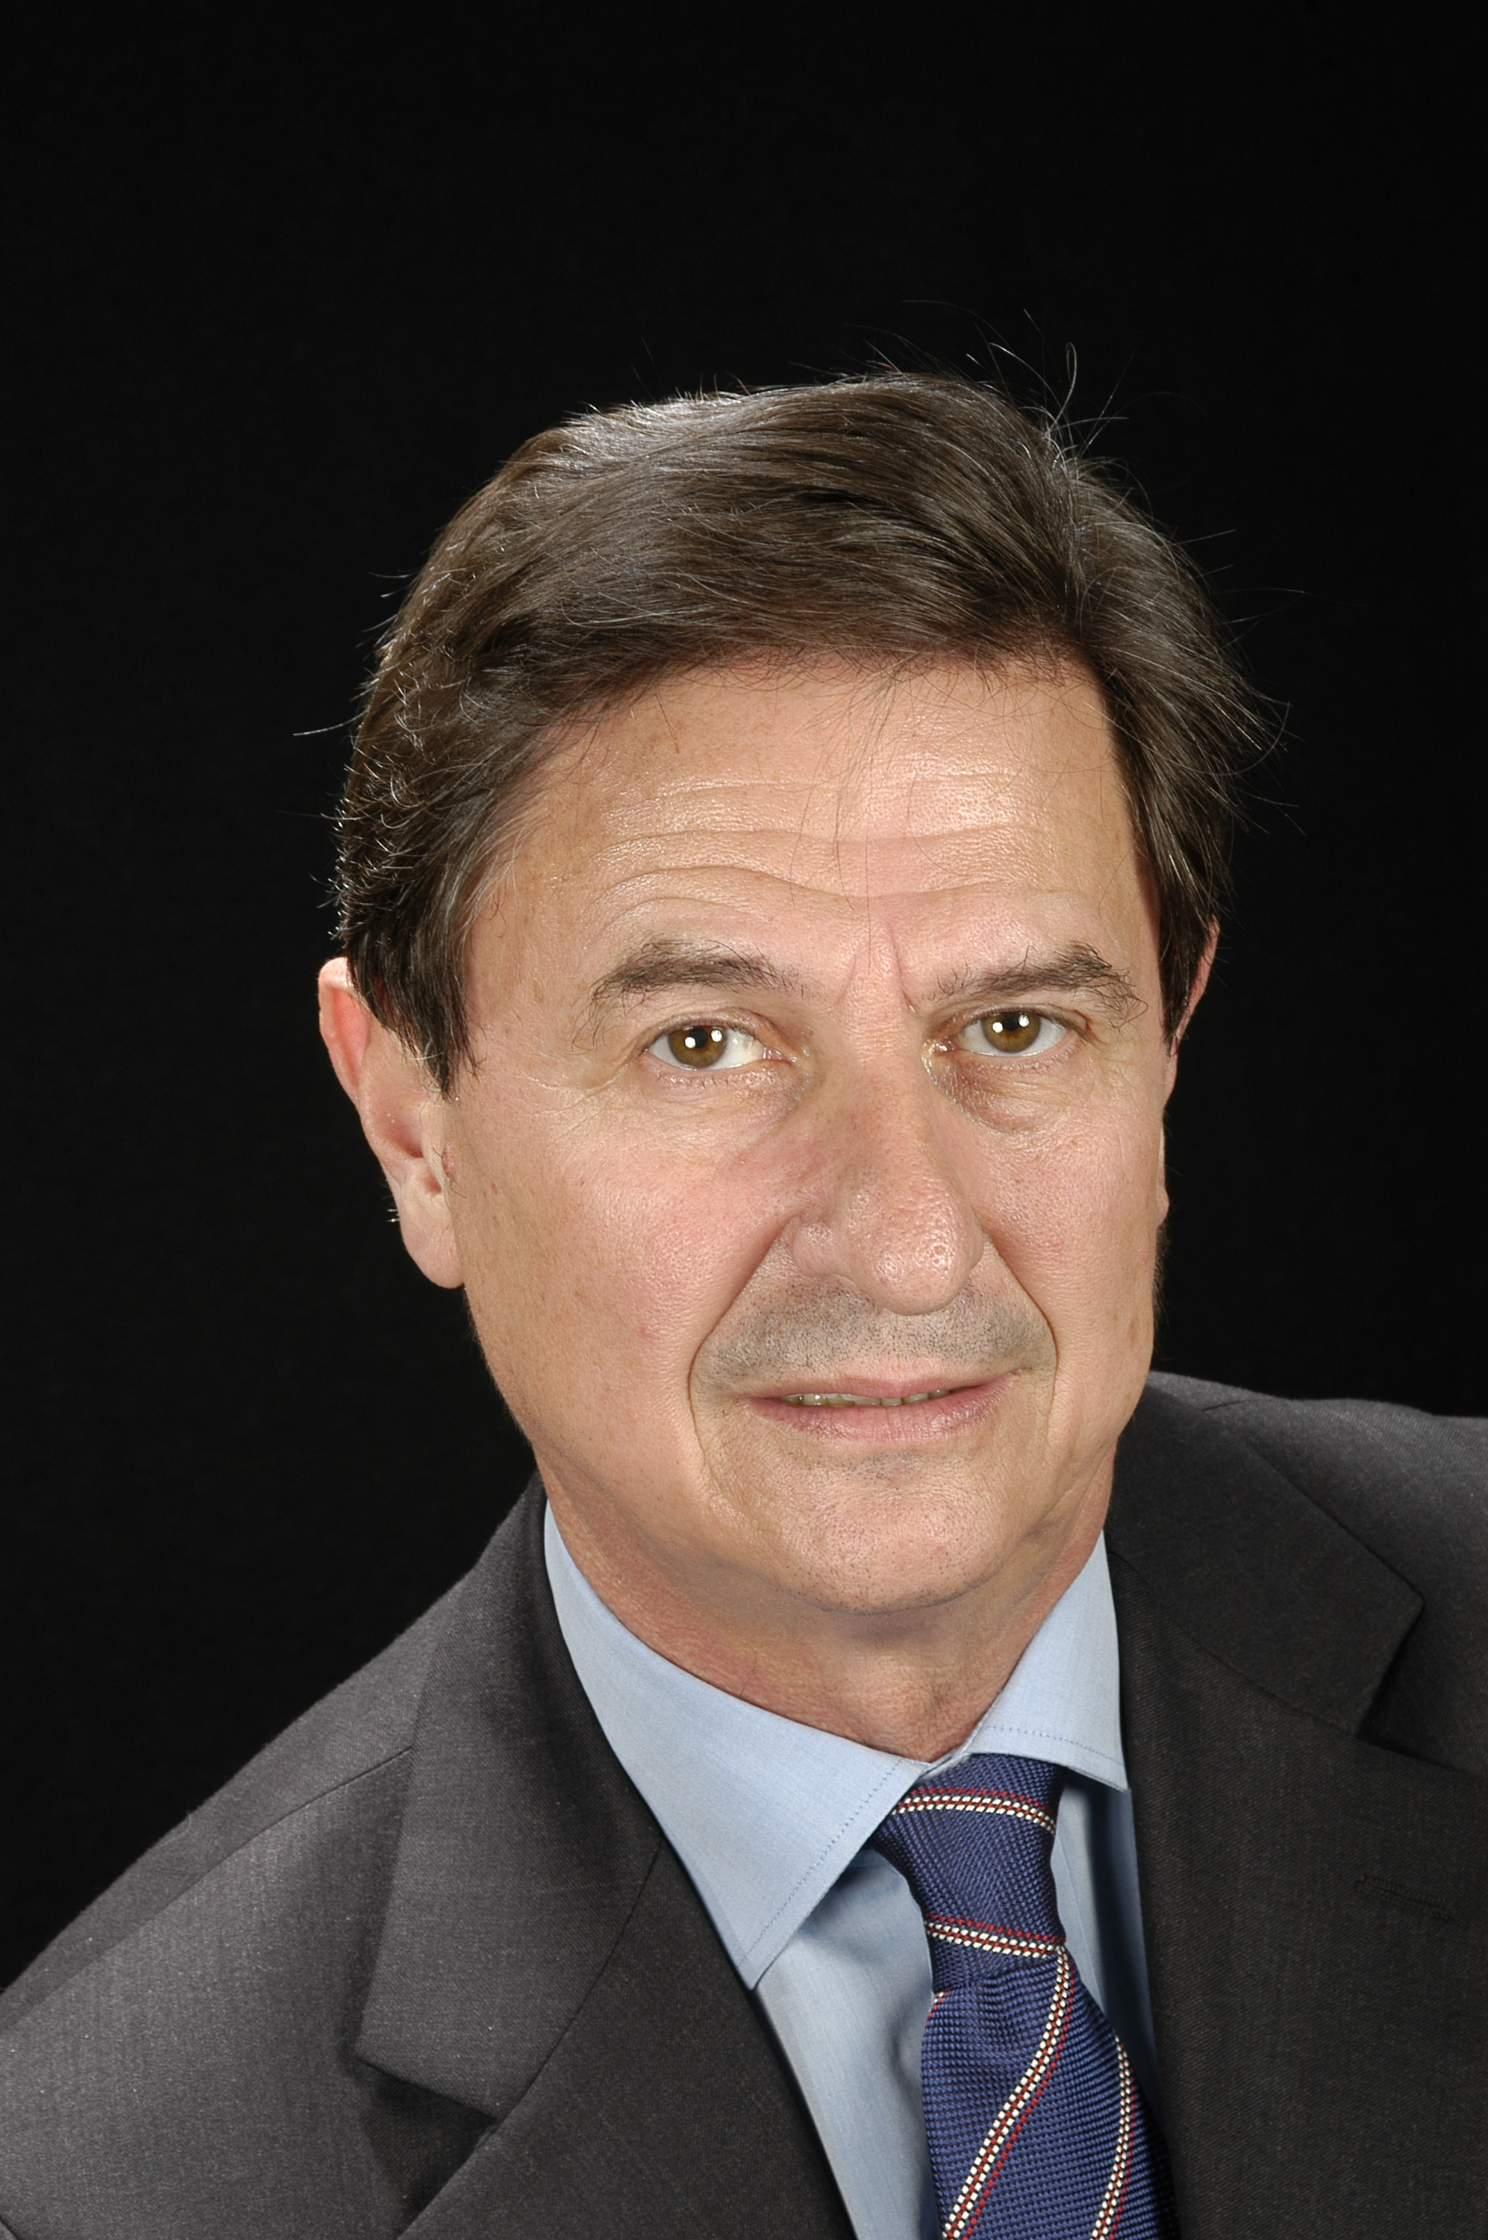 Dr. Ignacio Aguilar Martínez de Carneros